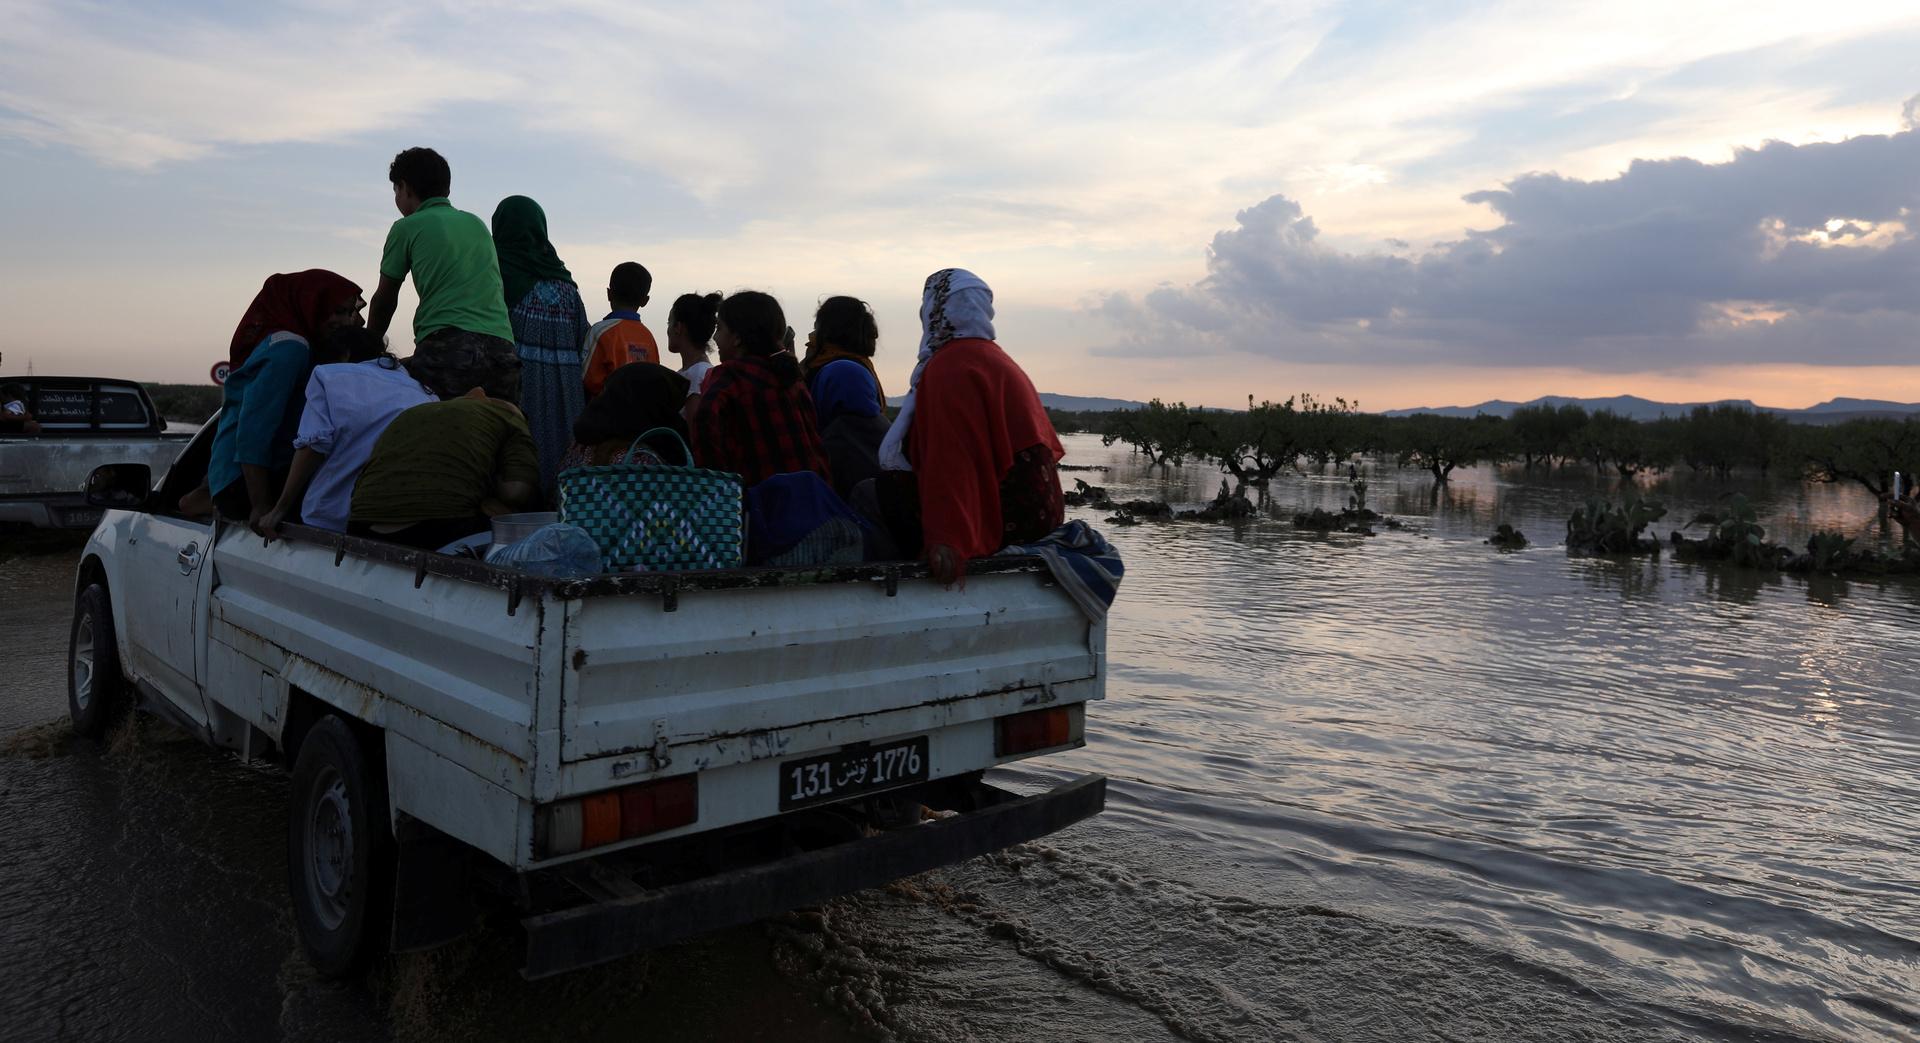 فيضانات الايام الأخيرة في تونس جراء الأمطار.